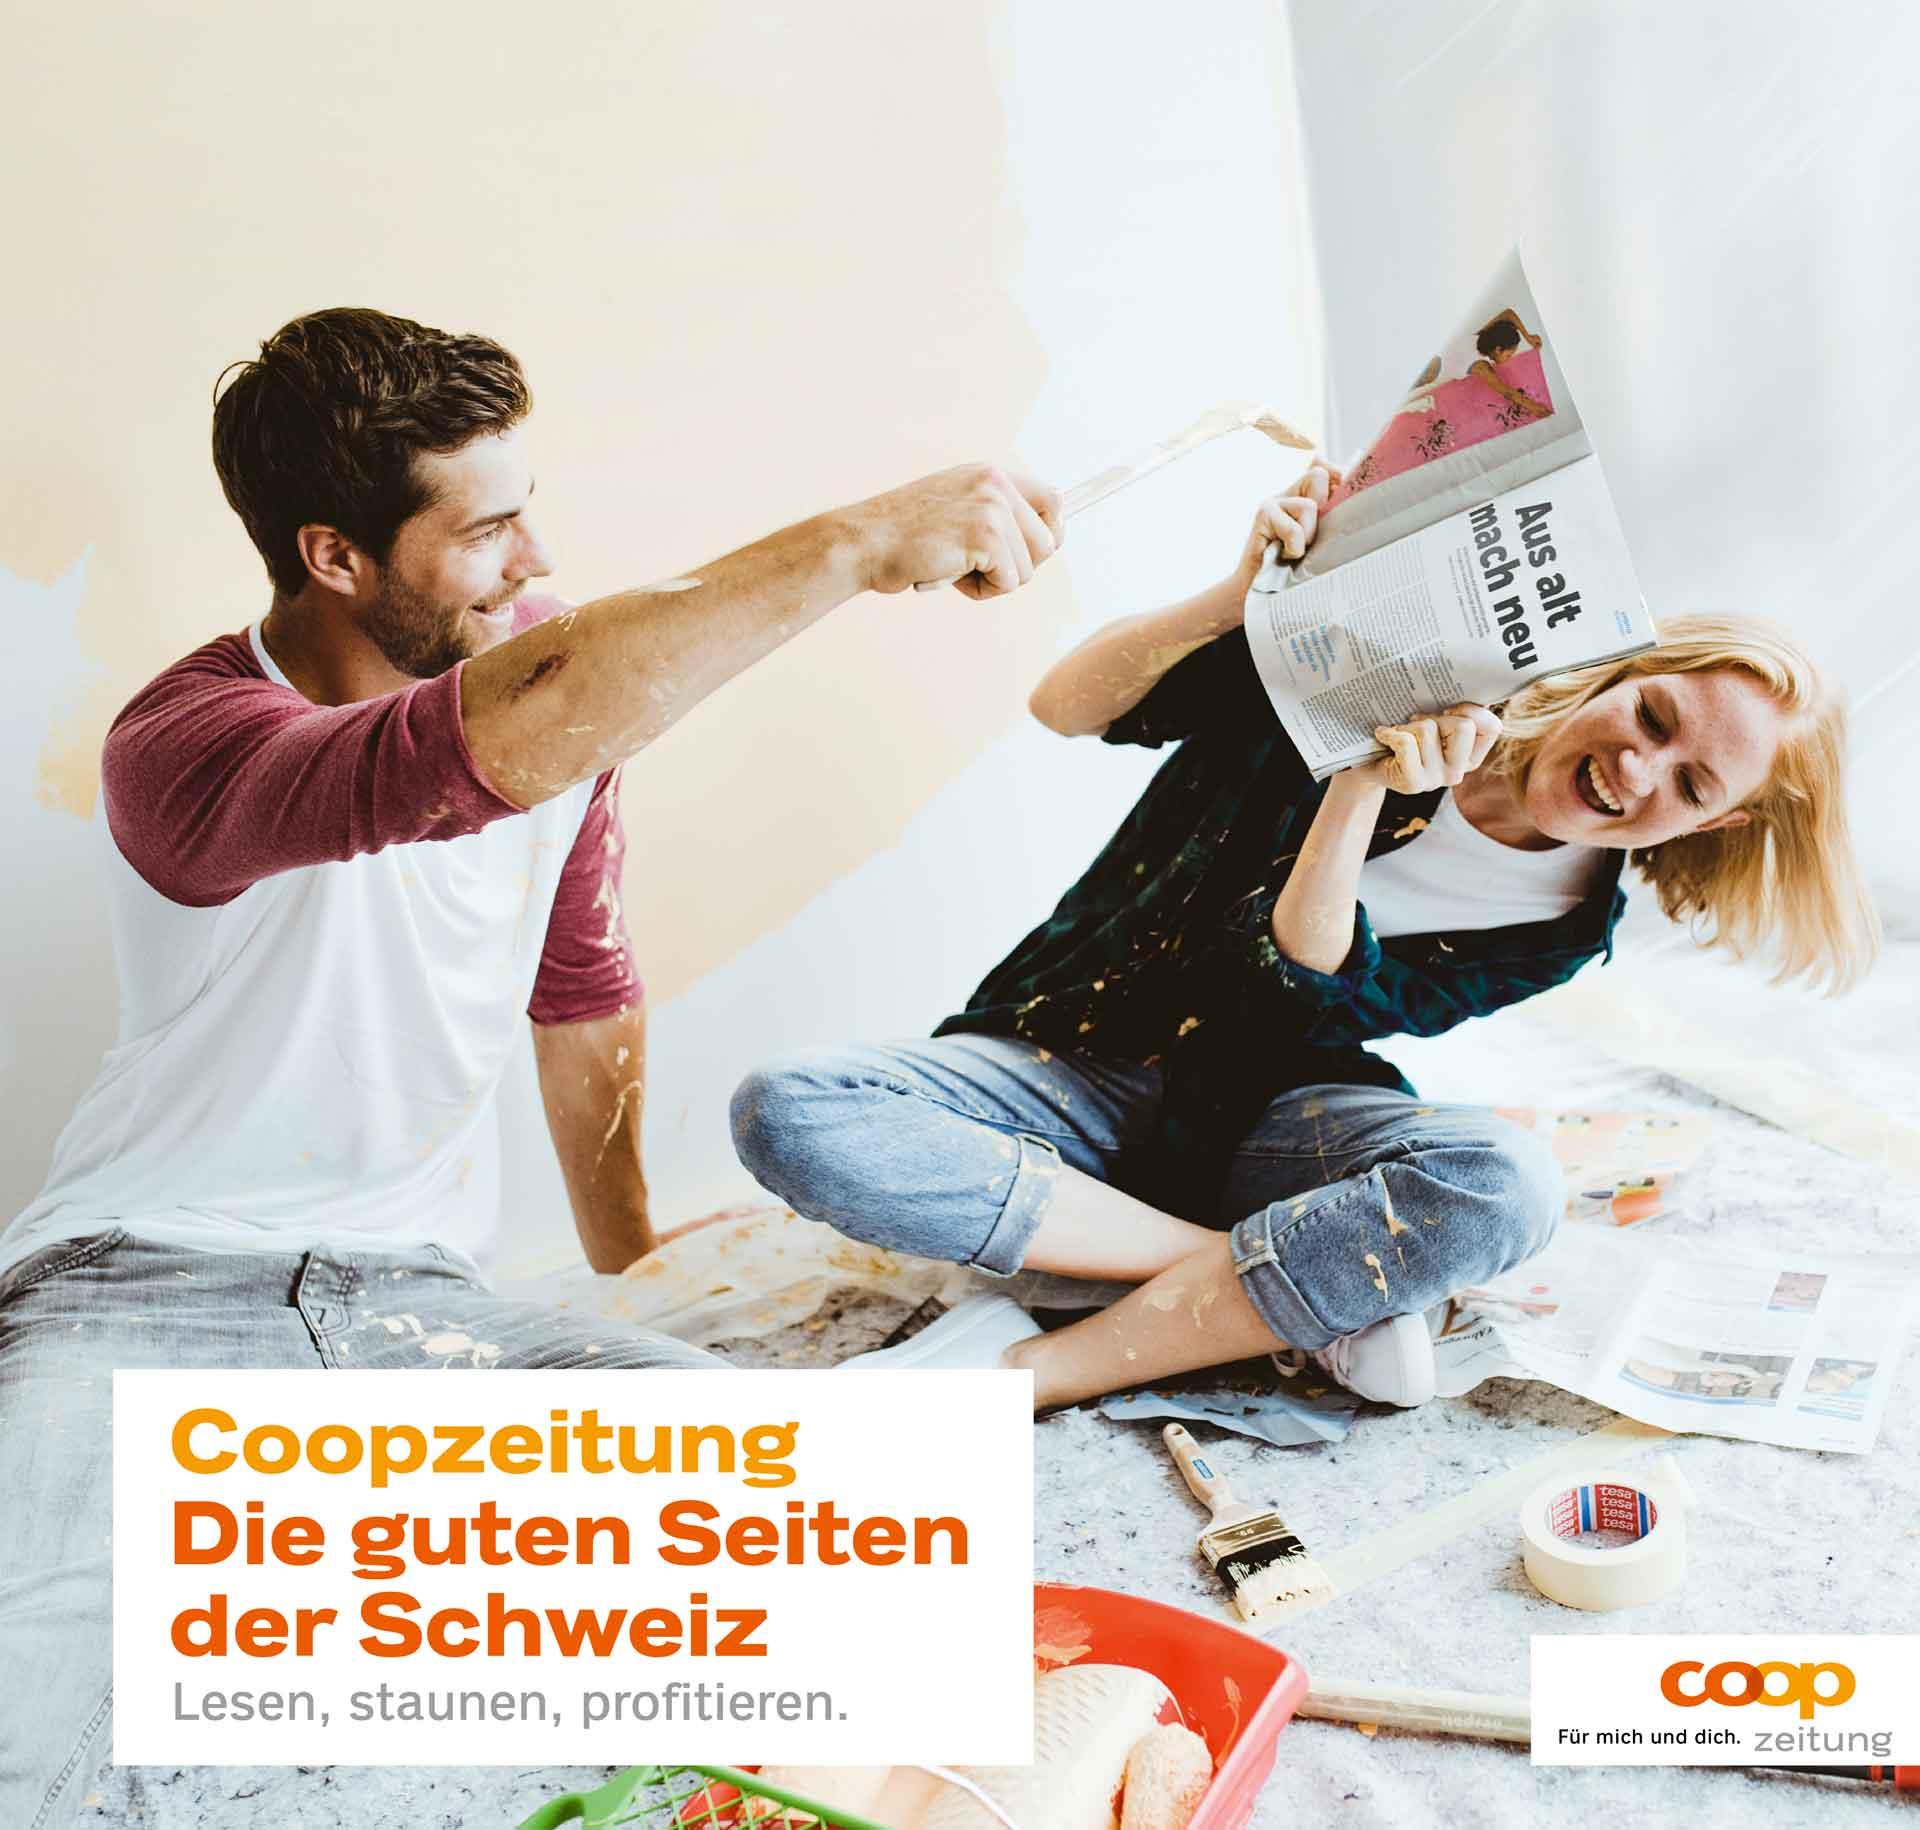 cr Basel Werbeagentur coopzeitung imagekampagne